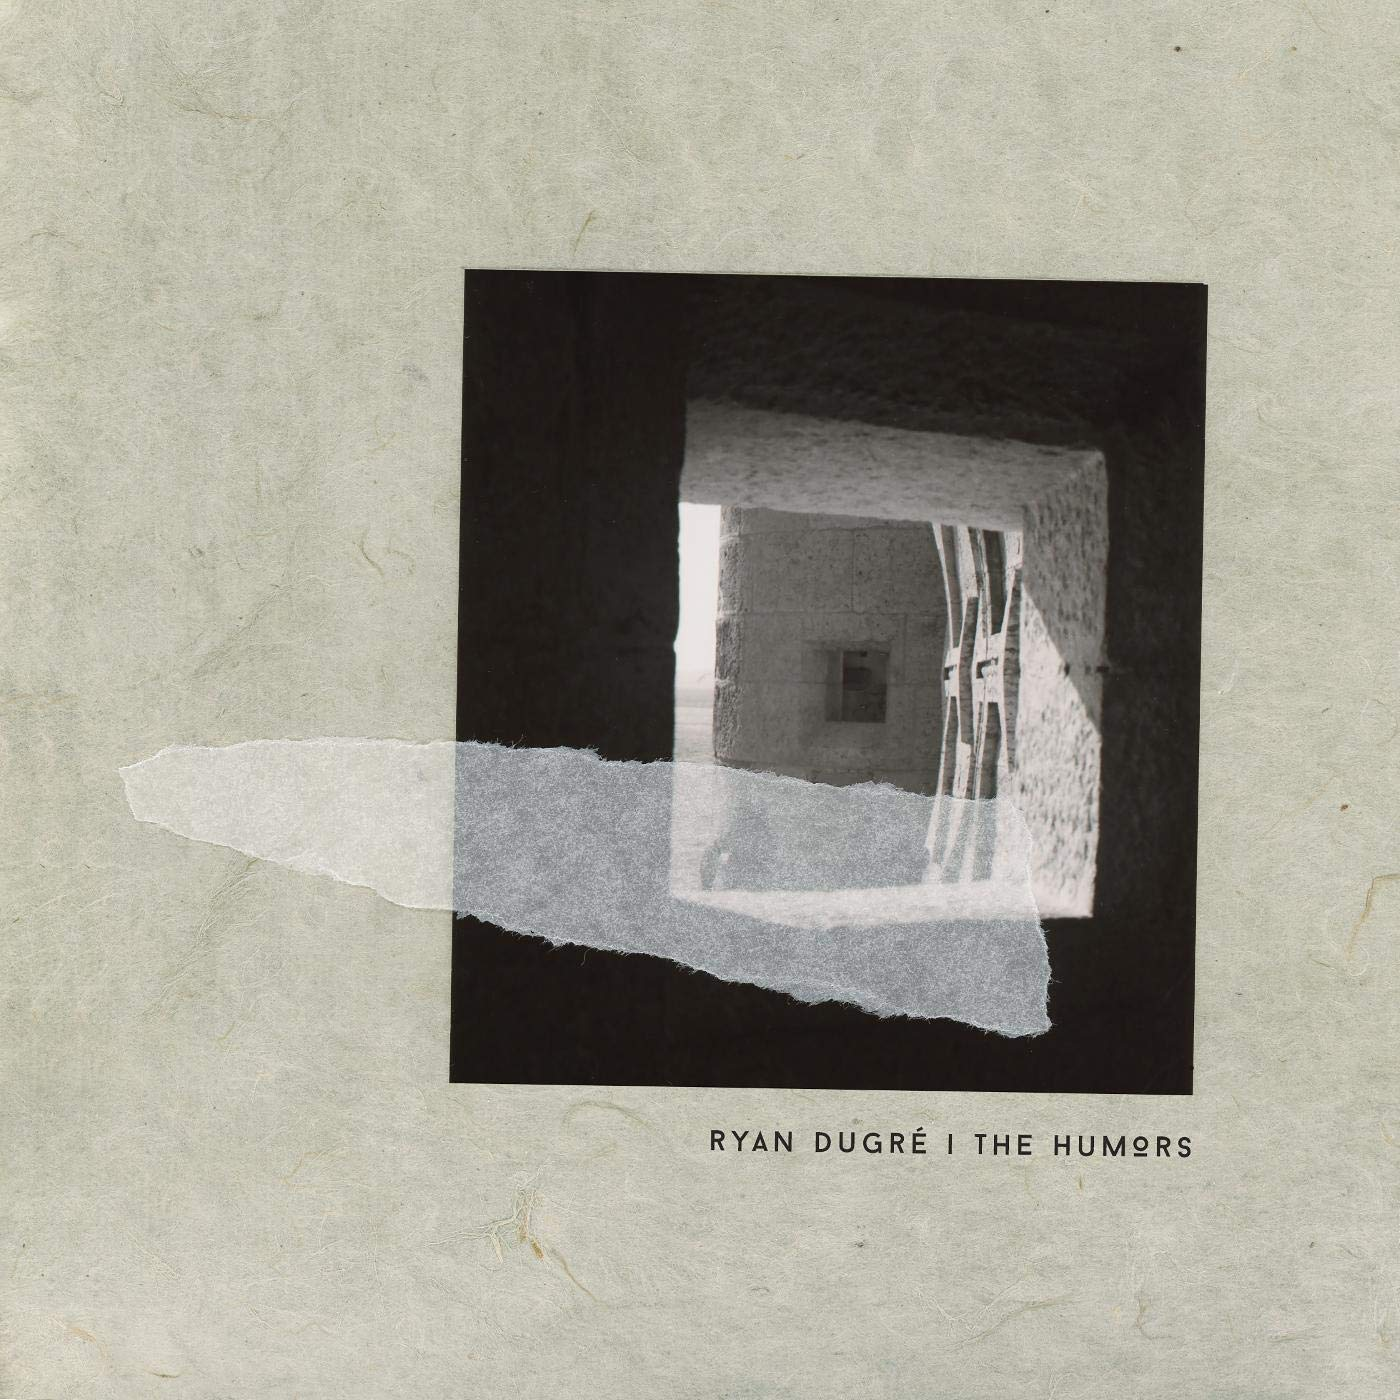 Cassette : Ryan Dugre - Humors (Cassette)